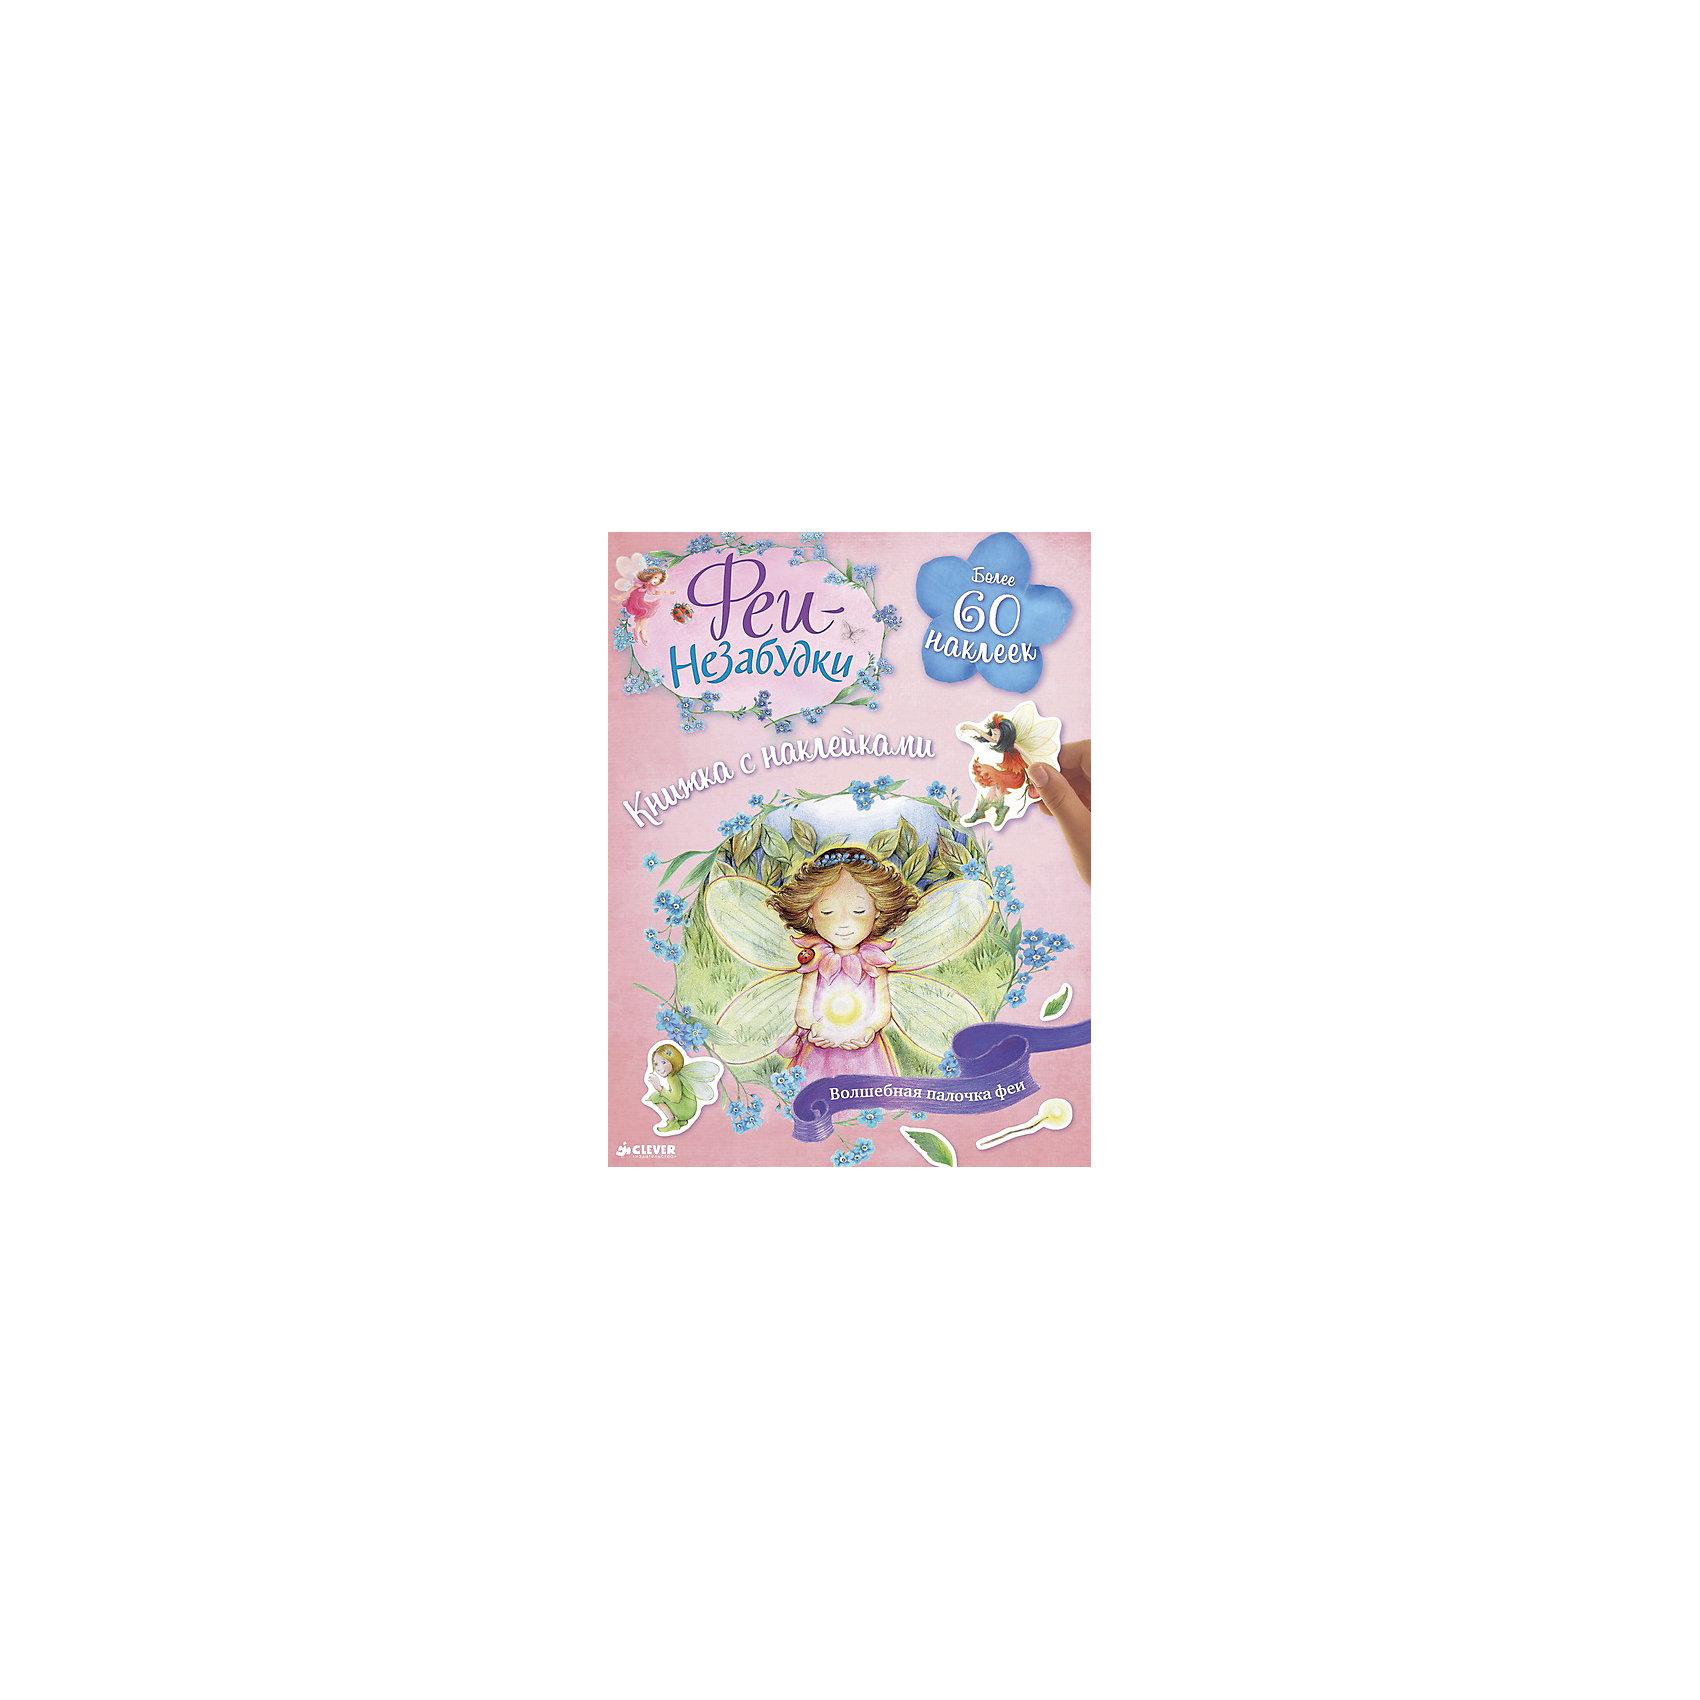 Книжка с наклейками Феи-незабудки. Волшебная палочка феиКнижка с наклейками Феи-незабудки. Волшебная палочка феи прекрасно подойдет всем девочкам в возрасте от 3 до 7 лет. Эта увлекательное издание создано по мотивам полюбившейся книжки Феи-незабудки о волшебных феях, их удивительных приключениях и чудесных превращениях. Вместе с героями волшебных историй девочке предстоит выполнить увлекательные задания на внимательность и сообразительность: наклеить стикер или раскрасить картинку, пройти по лабиринту, собрать пазл из наклеек, разгадать загадку и многое-многое другое. Потрясающие иллюстрации, высокое качество полиграфии и целый комплект наклеек (60 шт.) делают это издание прекрасным подарком для девочки.<br>  <br>Дополнительная информация:<br><br>- Серия: Волшебная коллекция. Книжка с наклейками. <br>- Переплет: мягкая обложка.<br>- Иллюстрации: цветные.<br>- Объем: 16 стр. + наклейки.<br>- Размер: 27,6 x 21 x 0,3 см.<br>- Вес: 102 гр. <br><br>Книжку с наклейками Феи-незабудки. Волшебная палочка феи, Клевер Медиа Групп, можно купить в нашем интернет-магазине.<br><br>Ширина мм: 210<br>Глубина мм: 275<br>Высота мм: 5<br>Вес г: 100<br>Возраст от месяцев: 48<br>Возраст до месяцев: 72<br>Пол: Женский<br>Возраст: Детский<br>SKU: 4501110